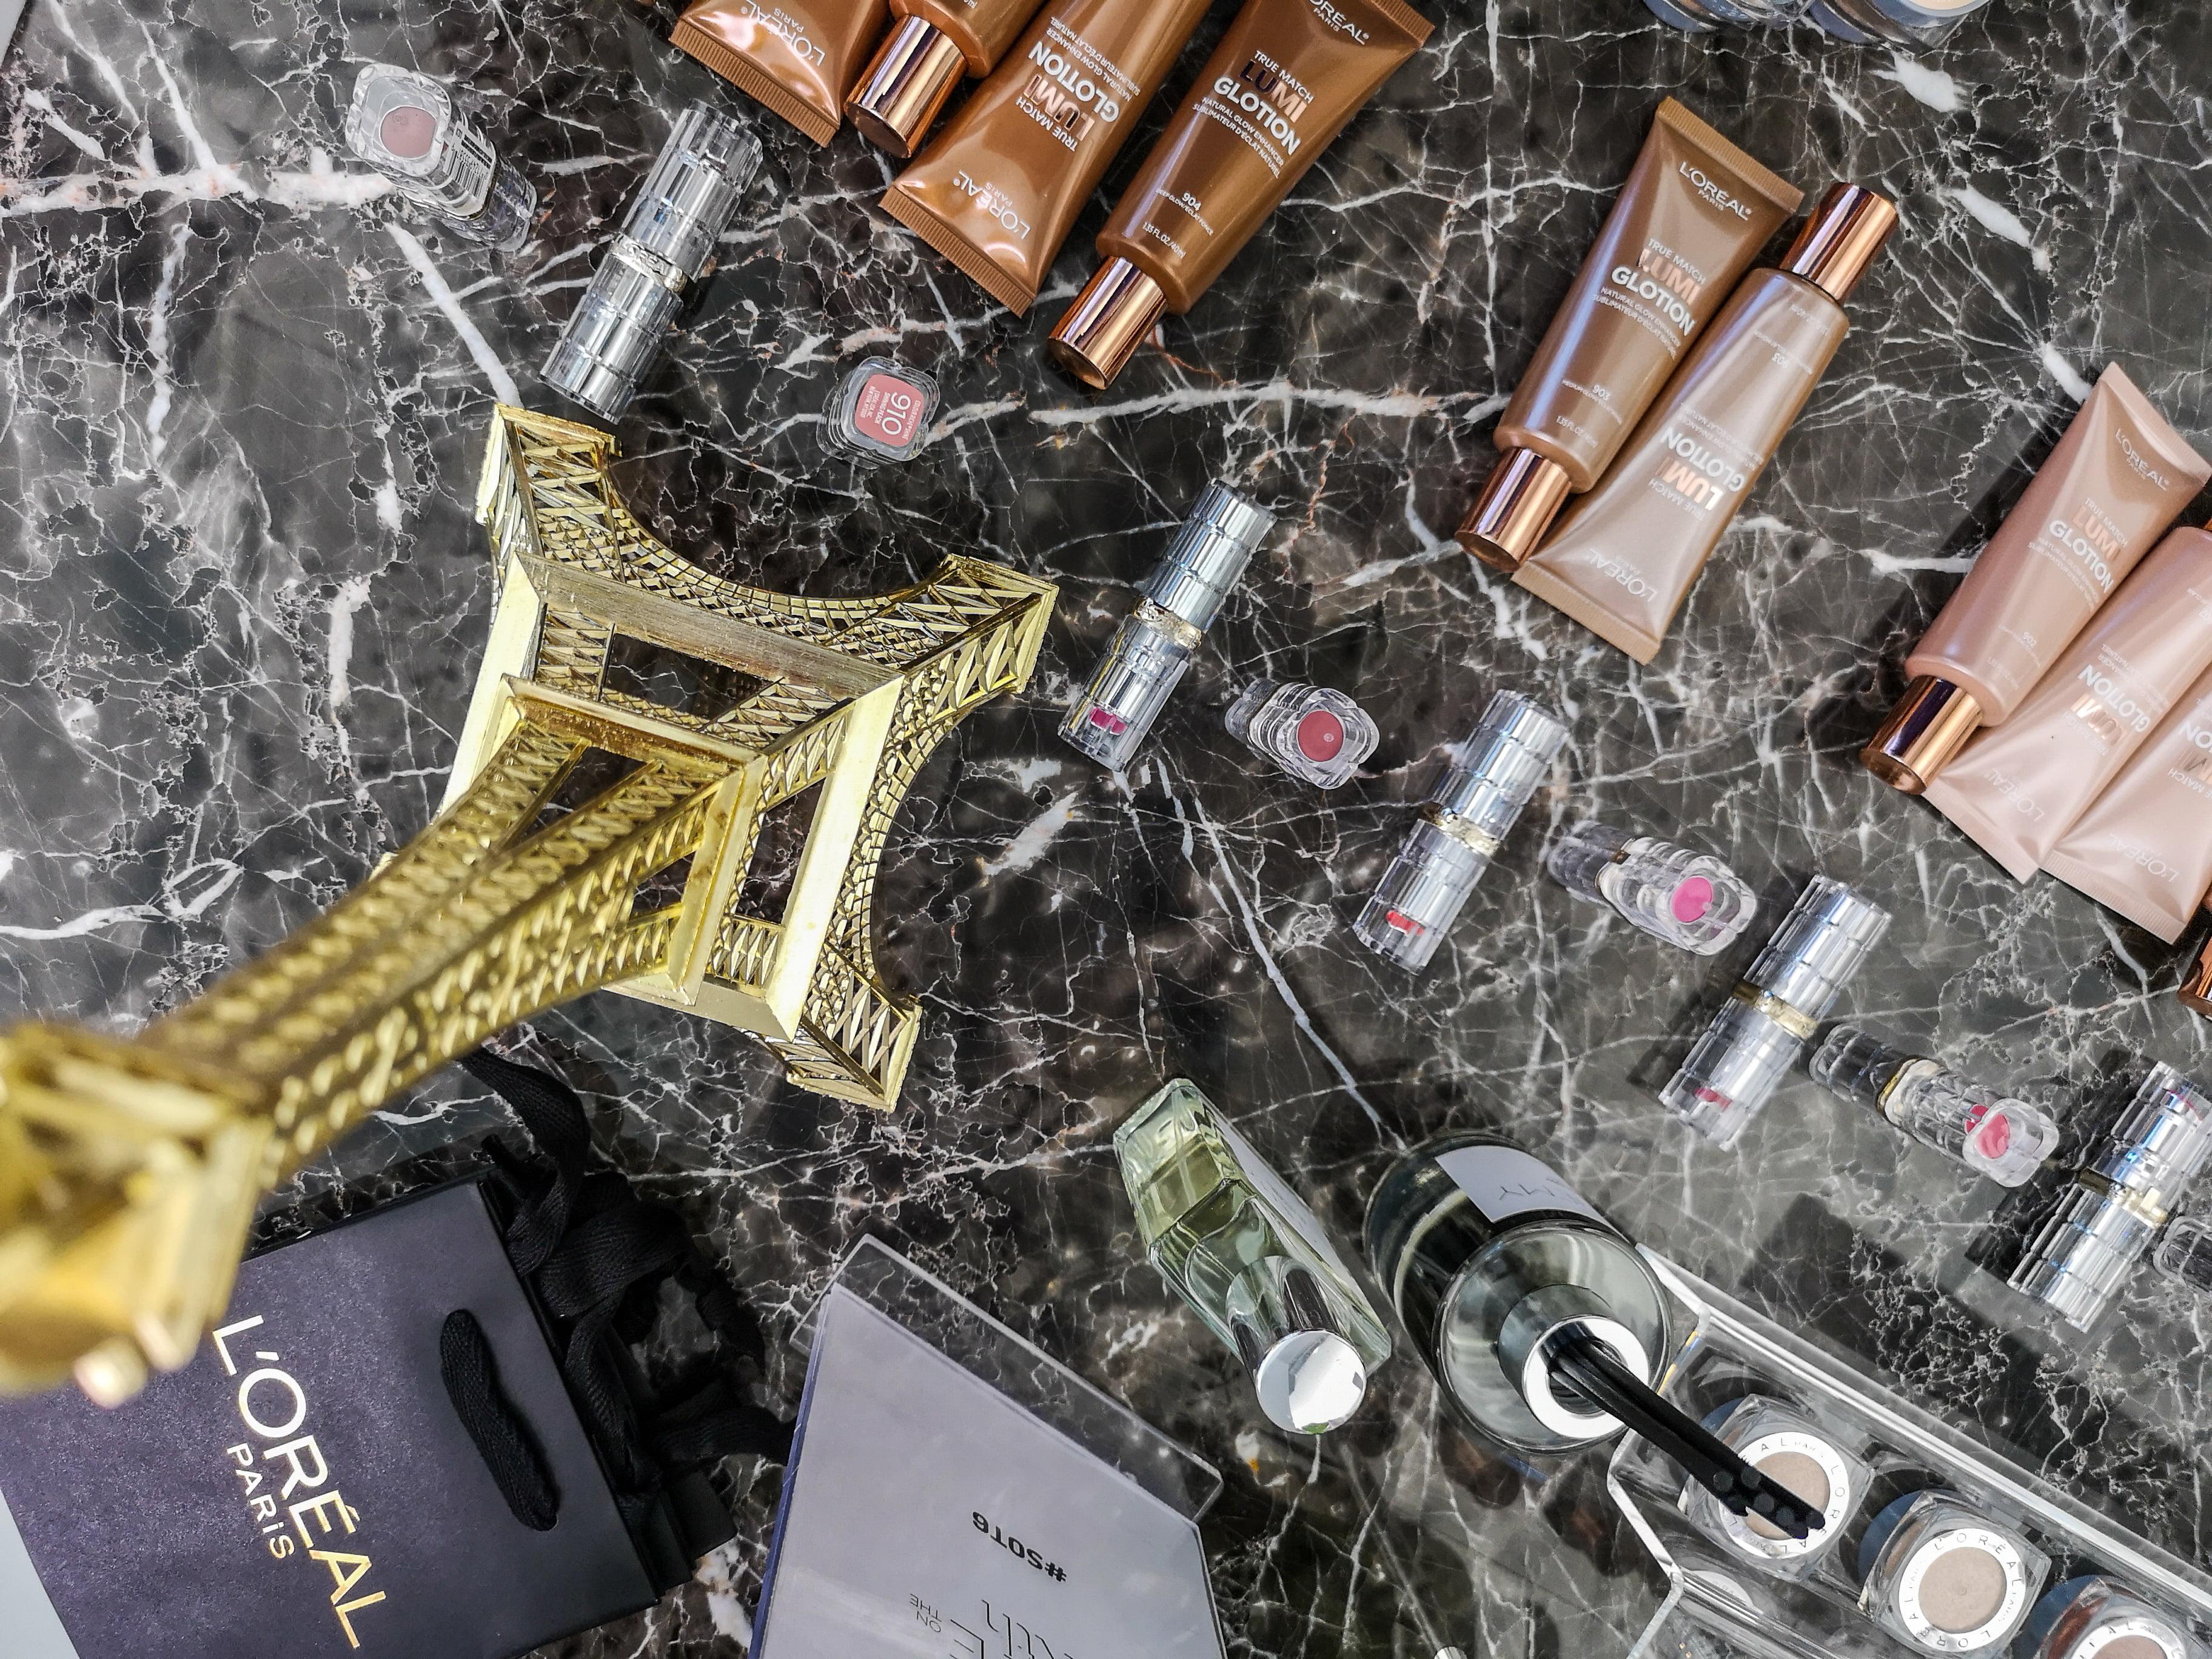 The L'Oréal Paris table